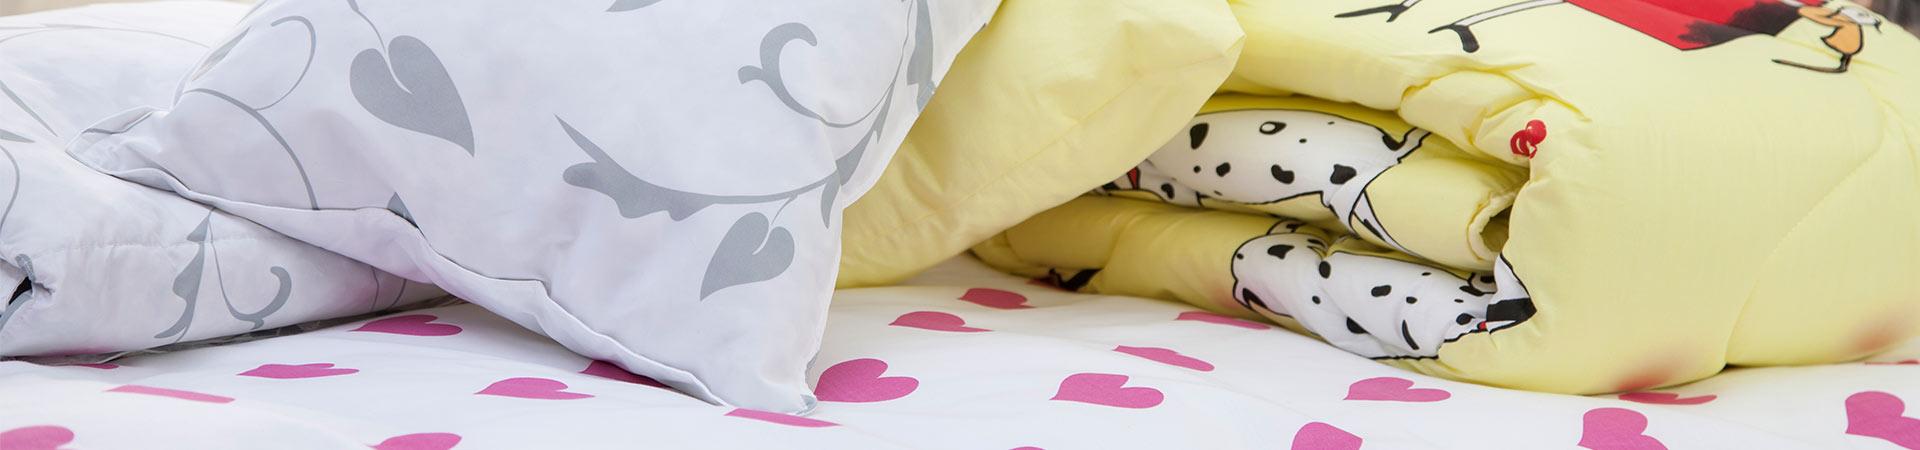 Vaikų antklodės ir pagalvės